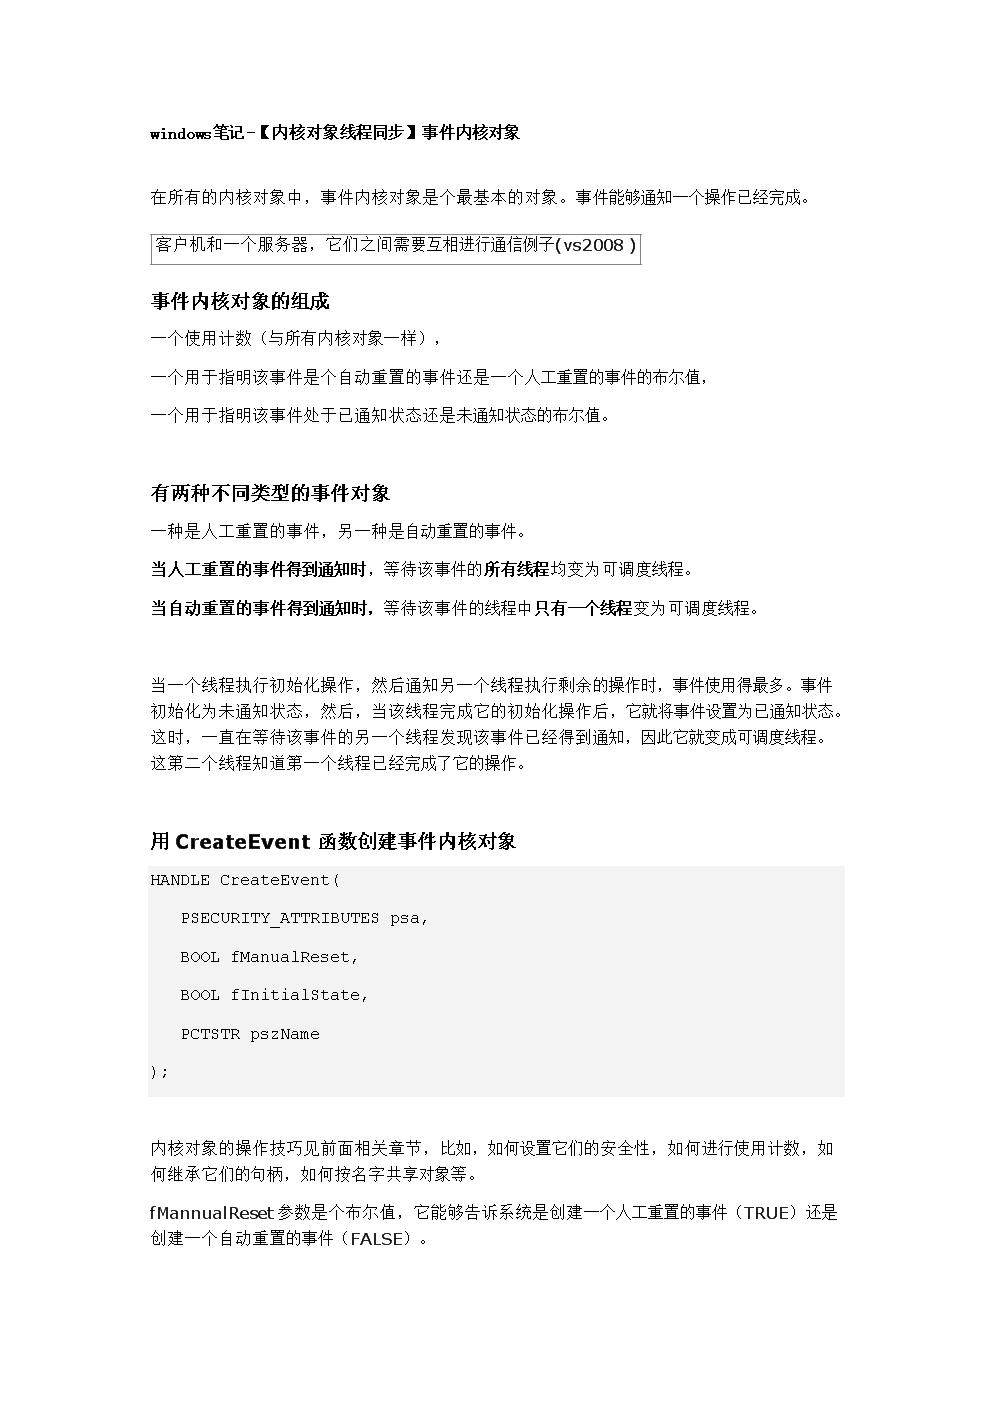 windows笔记-【内核对象线程同步】事件内核对象.docx